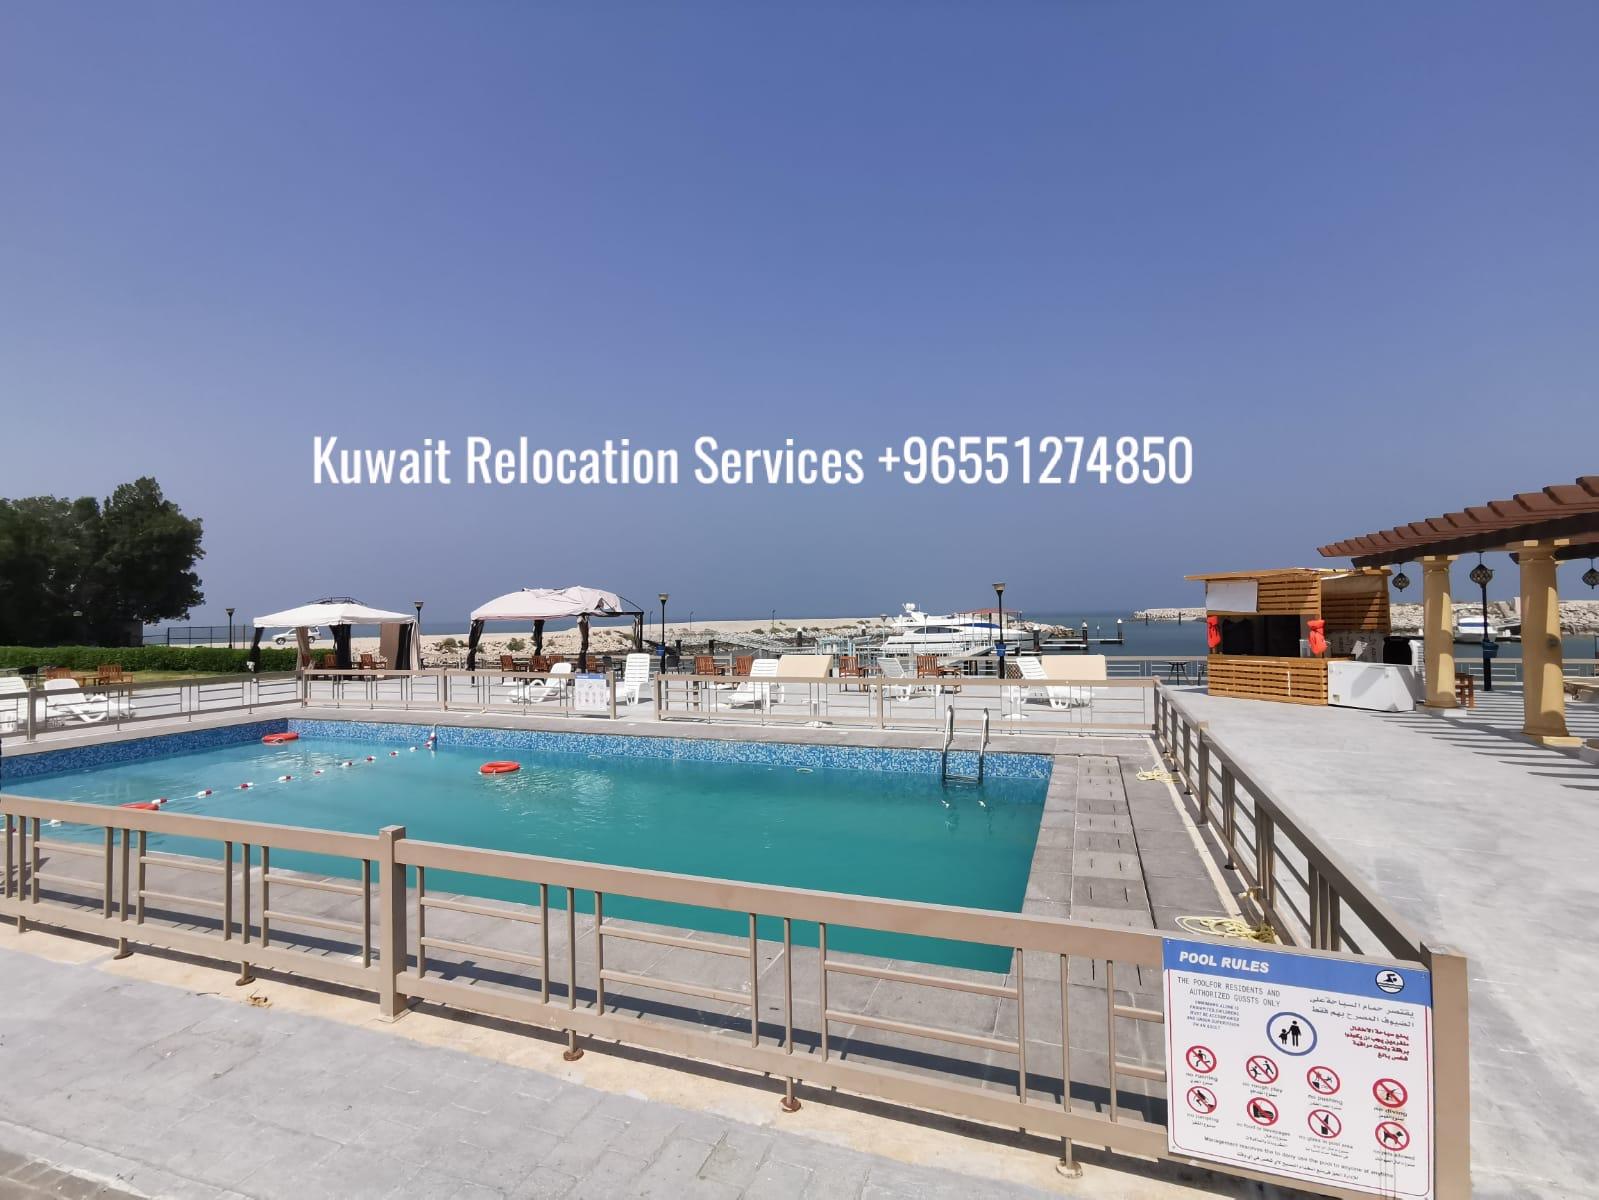 Beach Villa's in a compound 4 masterbeds in Kuwait